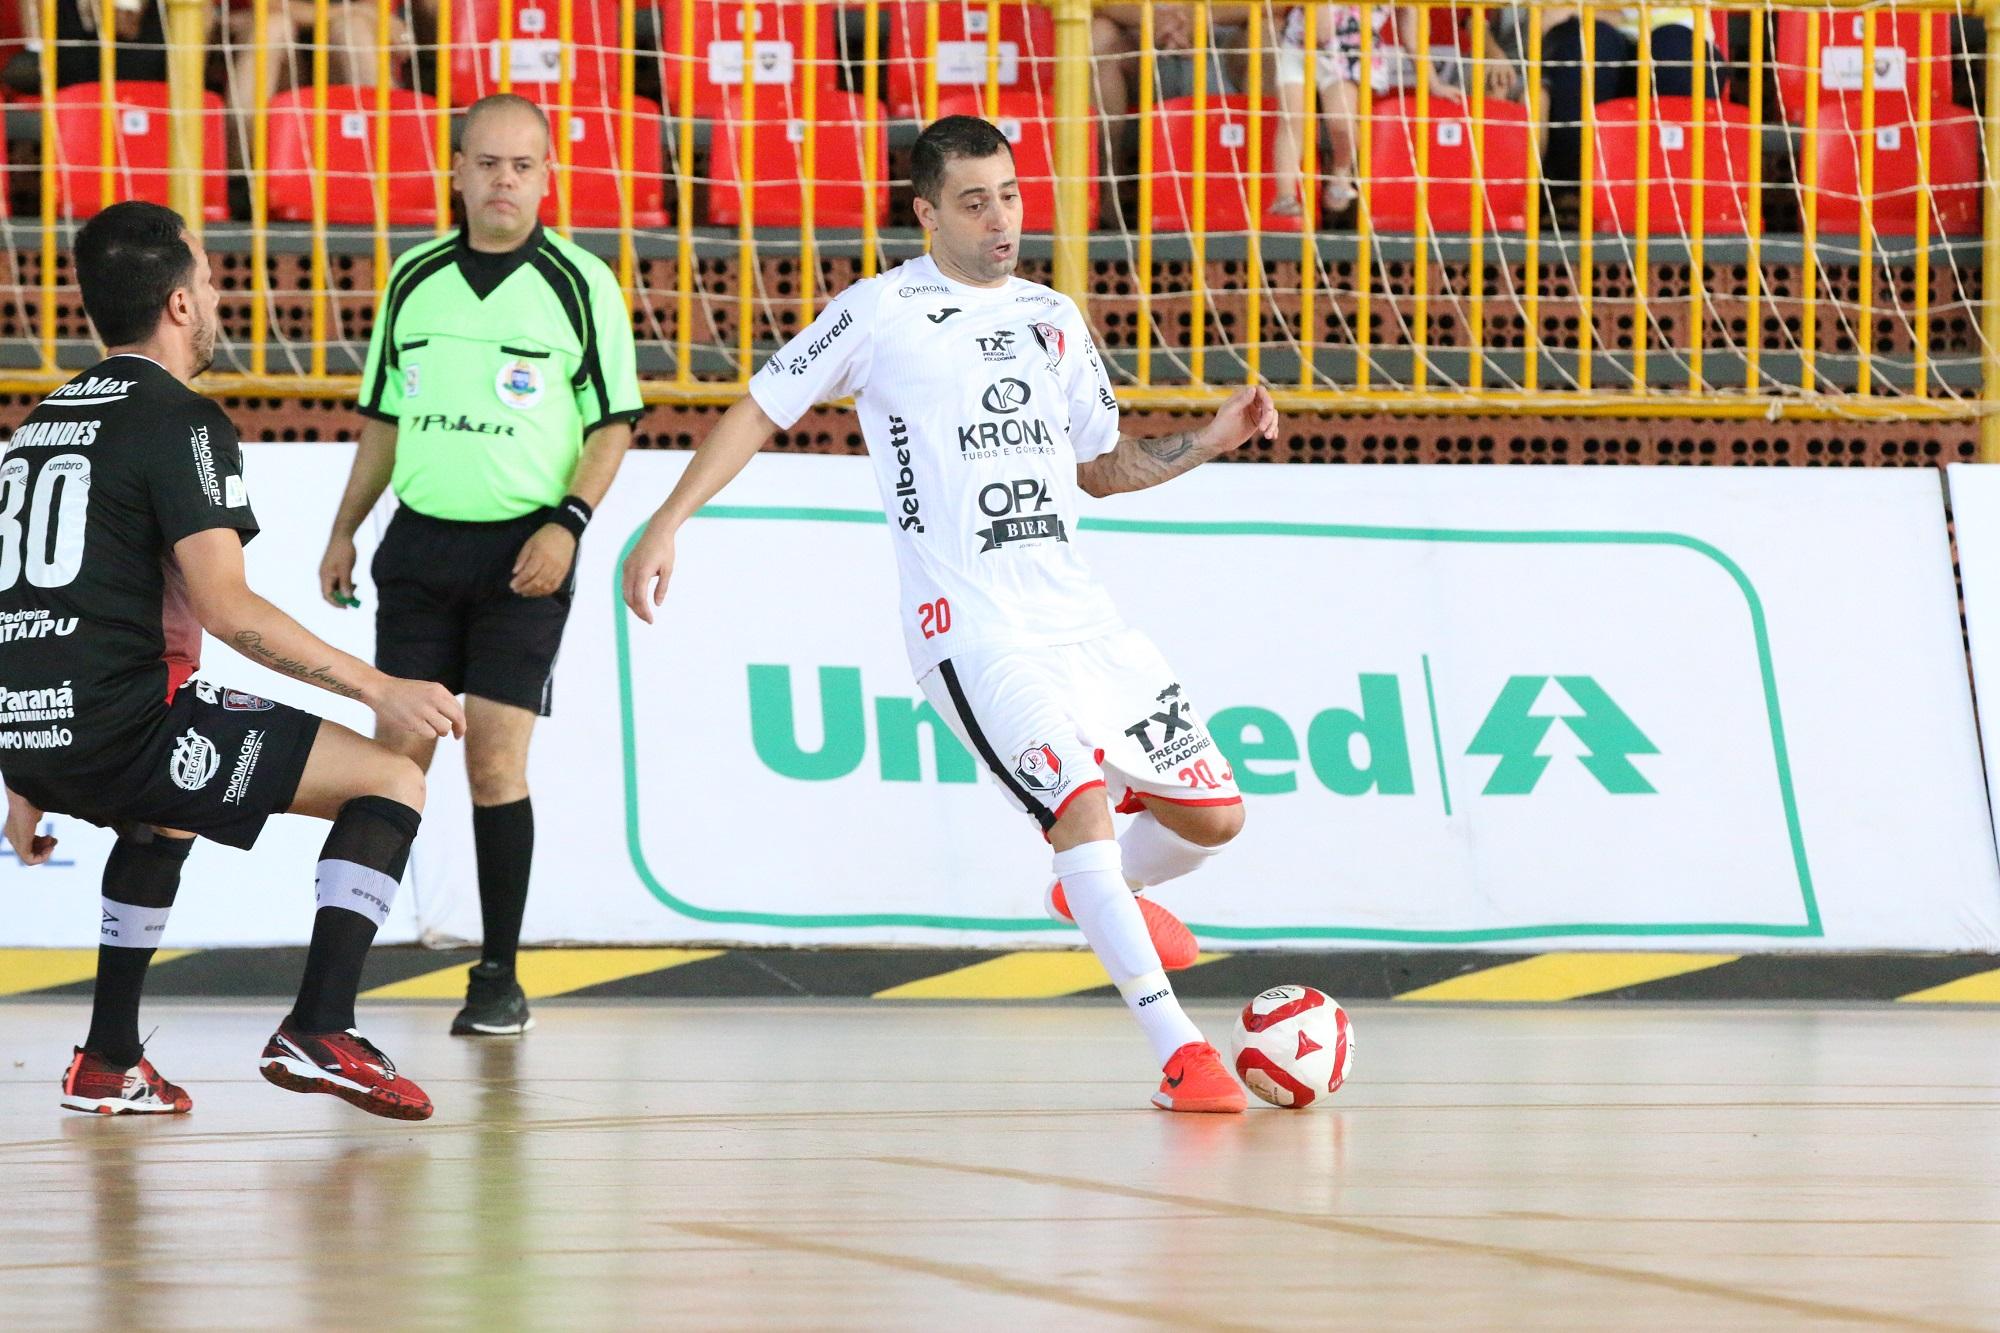 3e1904cdac915 JEC Krona perde em sua estreia na Liga Nacional de Futsal - Esporte ...